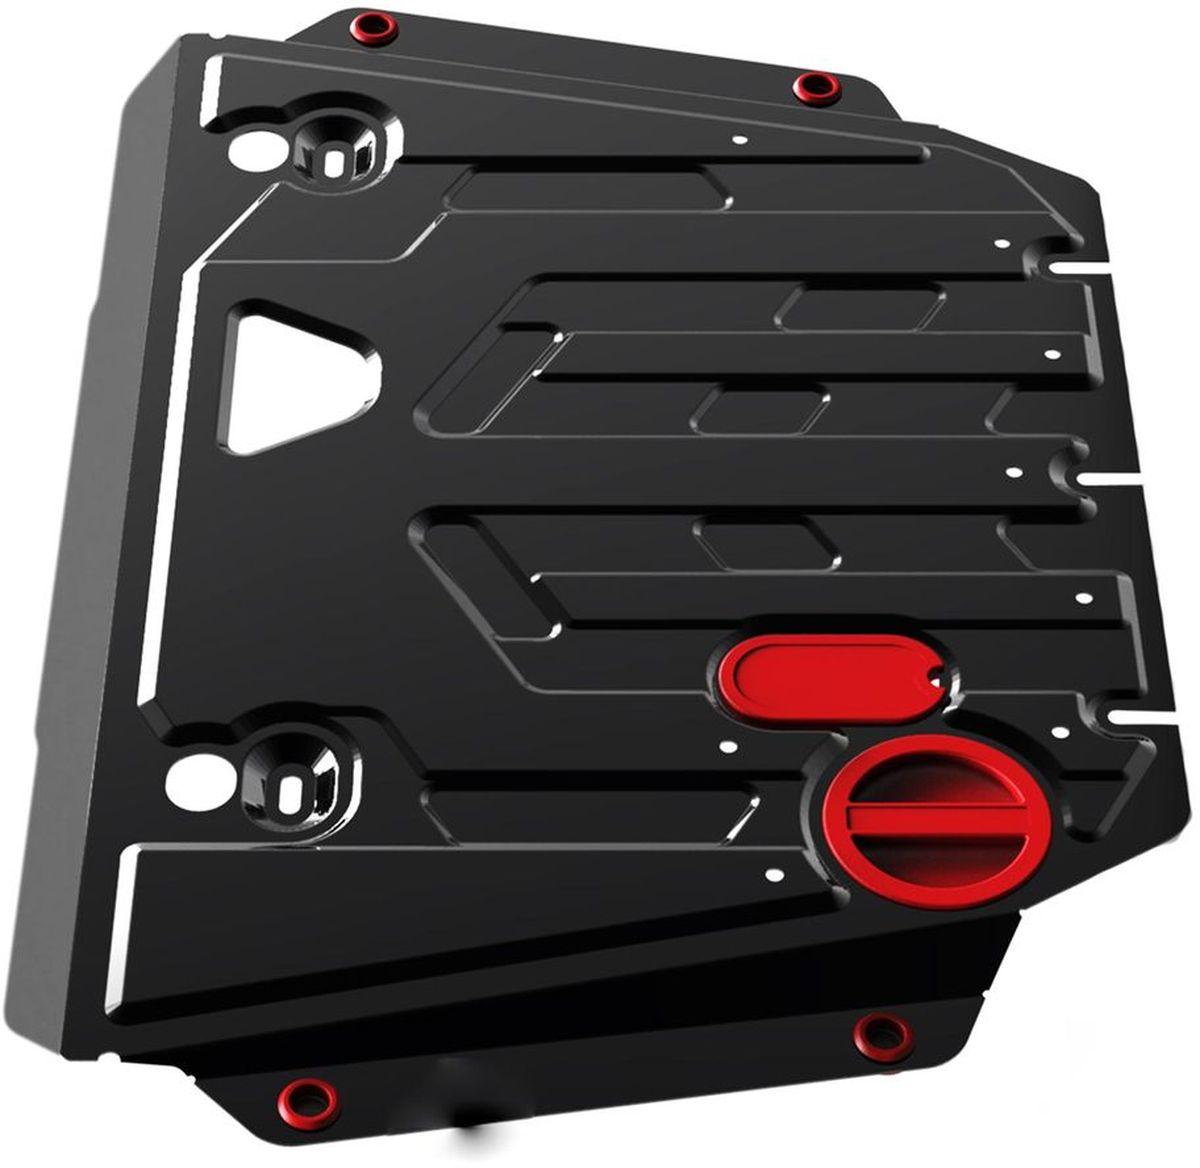 Защита картера и КПП Автоброня, для JAC S5, V - 2,0; 2,0T (2014-)111.09201.1Технологически совершенный продукт за невысокую стоимость. Защита разработана с учетом особенностей днища автомобиля, что позволяет сохранить дорожный просвет с минимальным изменением. Защита устанавливается в штатные места кузова автомобиля. Глубокий штамп обеспечивает до двух раз больше жесткости в сравнении с обычной защитой той же толщины. Проштампованные ребра жесткости препятствуют деформации защиты при ударах. Тепловой зазор и вентиляционные отверстия обеспечивают сохранение температурного режима двигателя в норме. Скрытый крепеж предотвращает срыв крепежных элементов при наезде на препятствие. Шумопоглощающие резиновые элементы обеспечивают комфортную езду без вибраций и скрежета металла, а съемные лючки для слива масла и замены фильтра - экономию средств и время. Конструкция изделия не влияет на пассивную безопасность автомобиля (при ударе защита не воздействует на деформационные зоны кузова). Со штатным крепежом. В комплекте инструкция по установке....